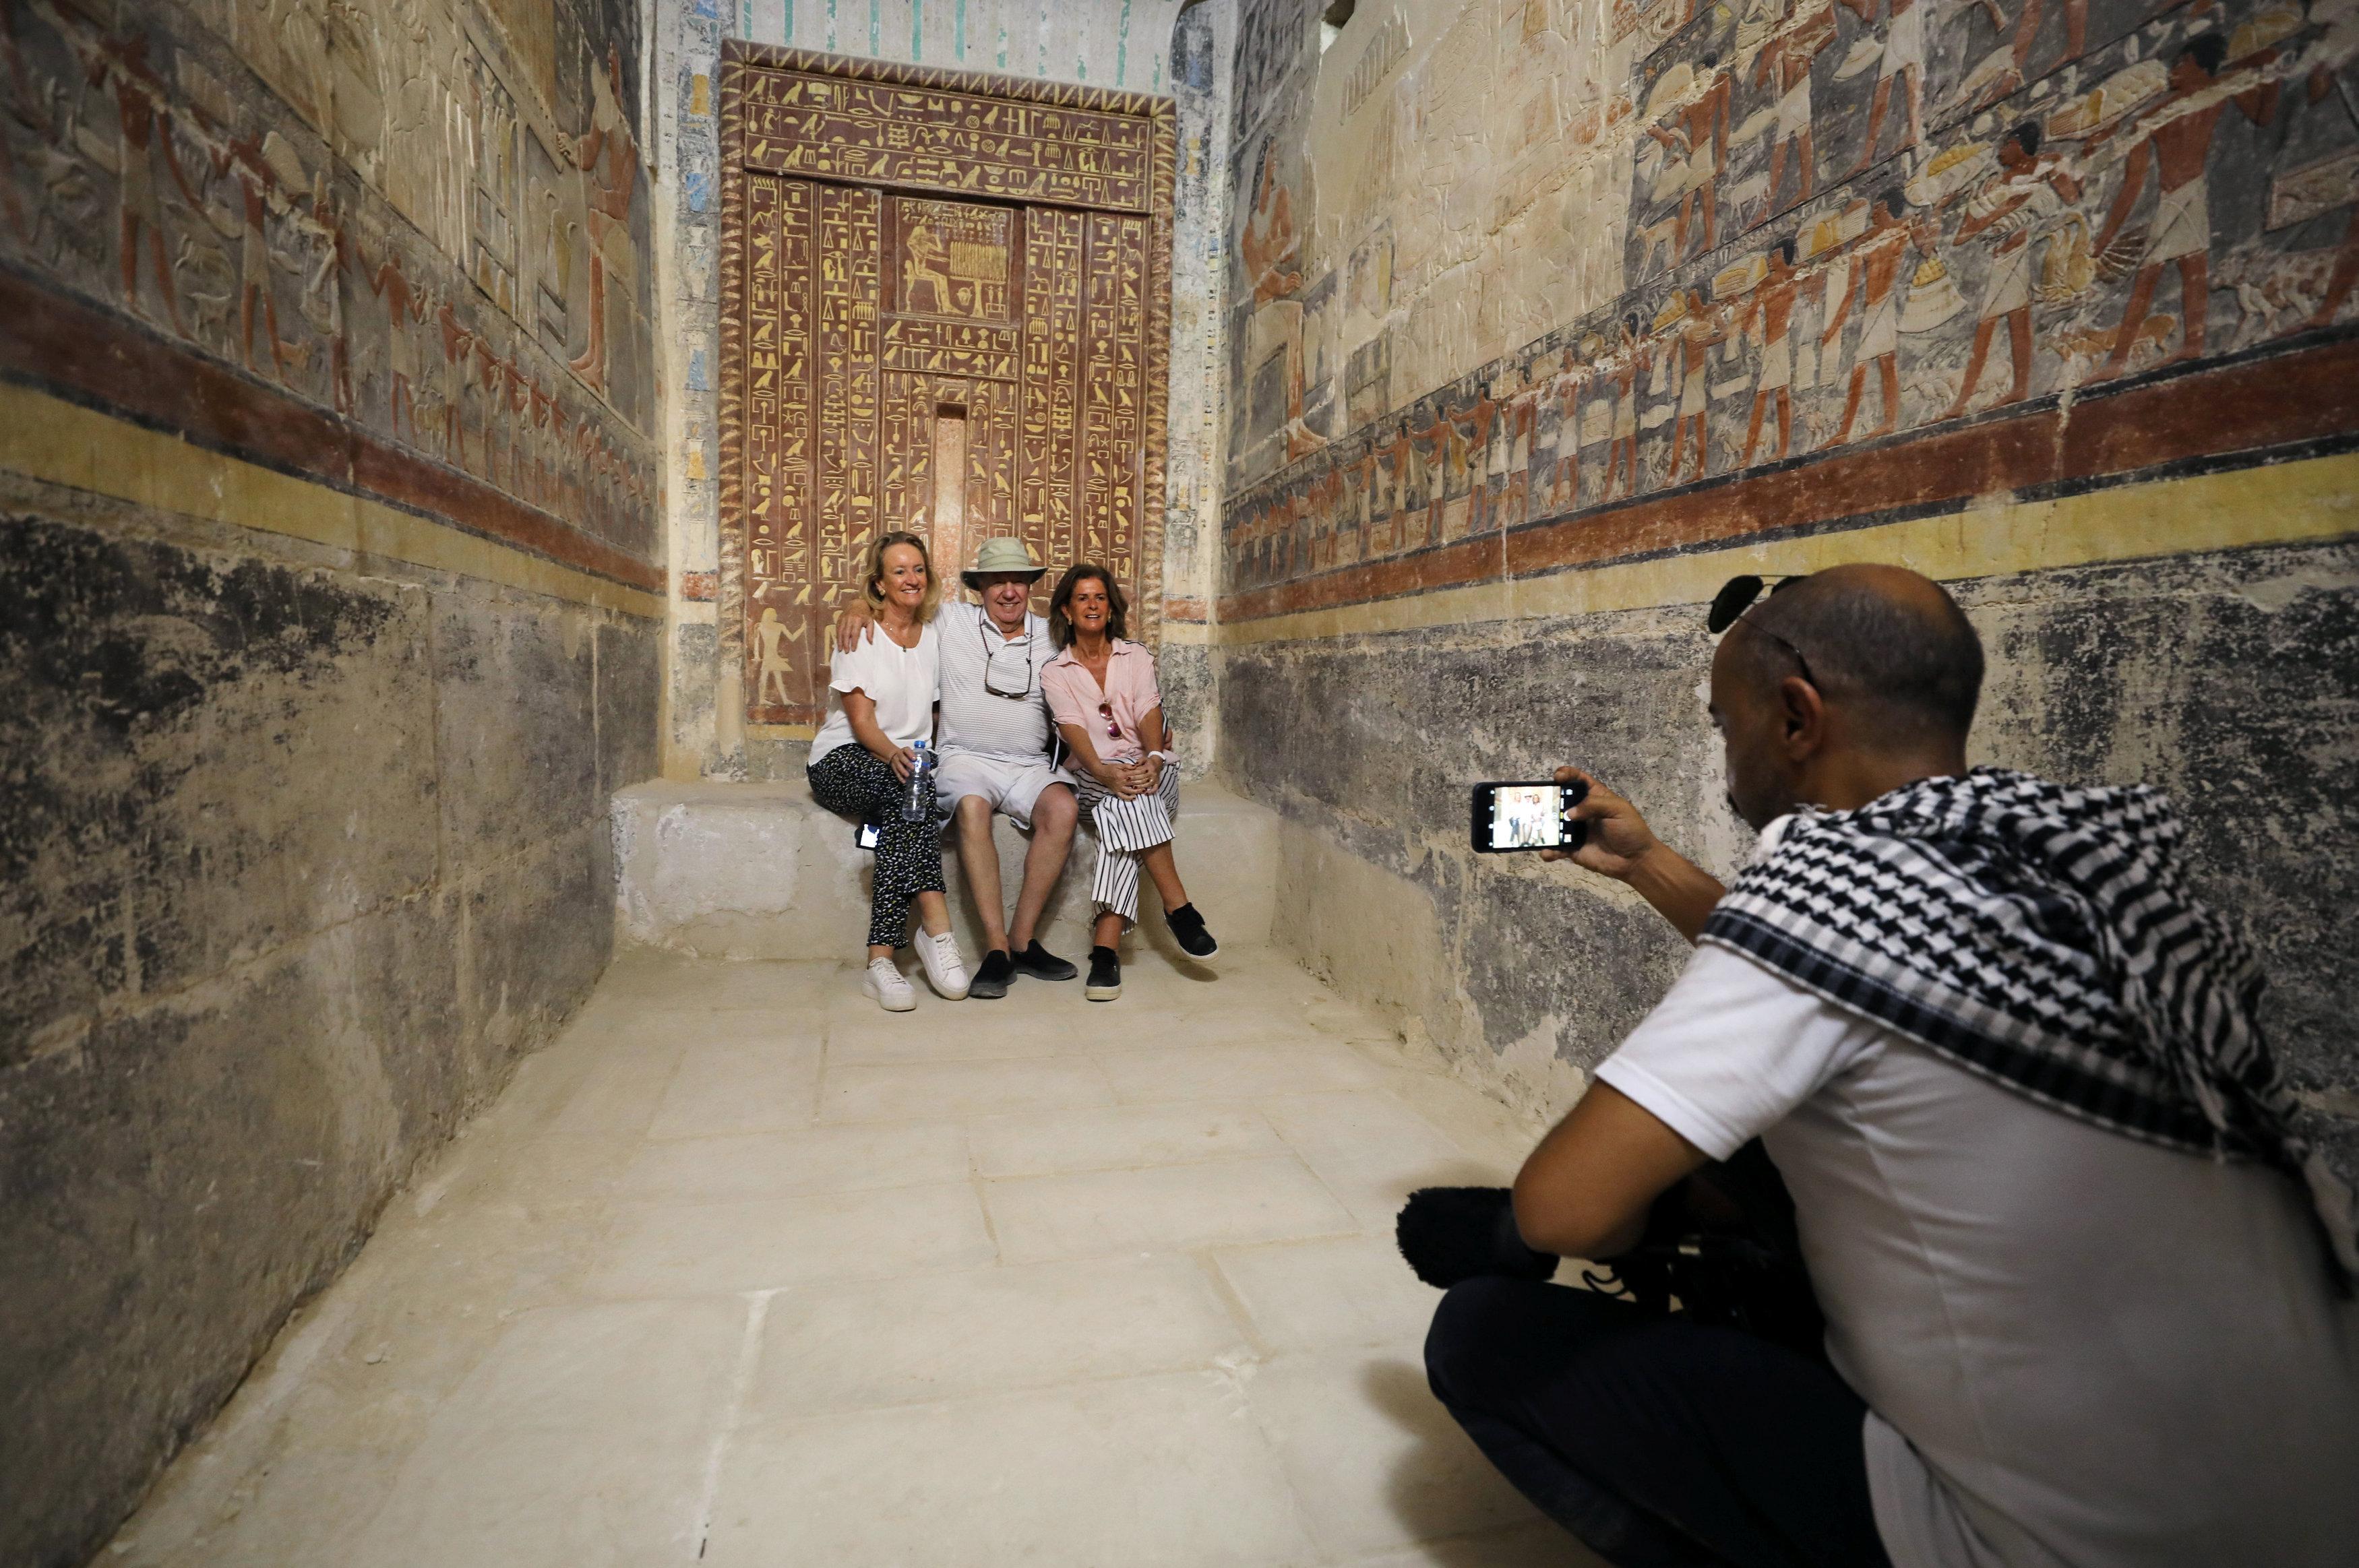 Turistas en la tumba de Mehu